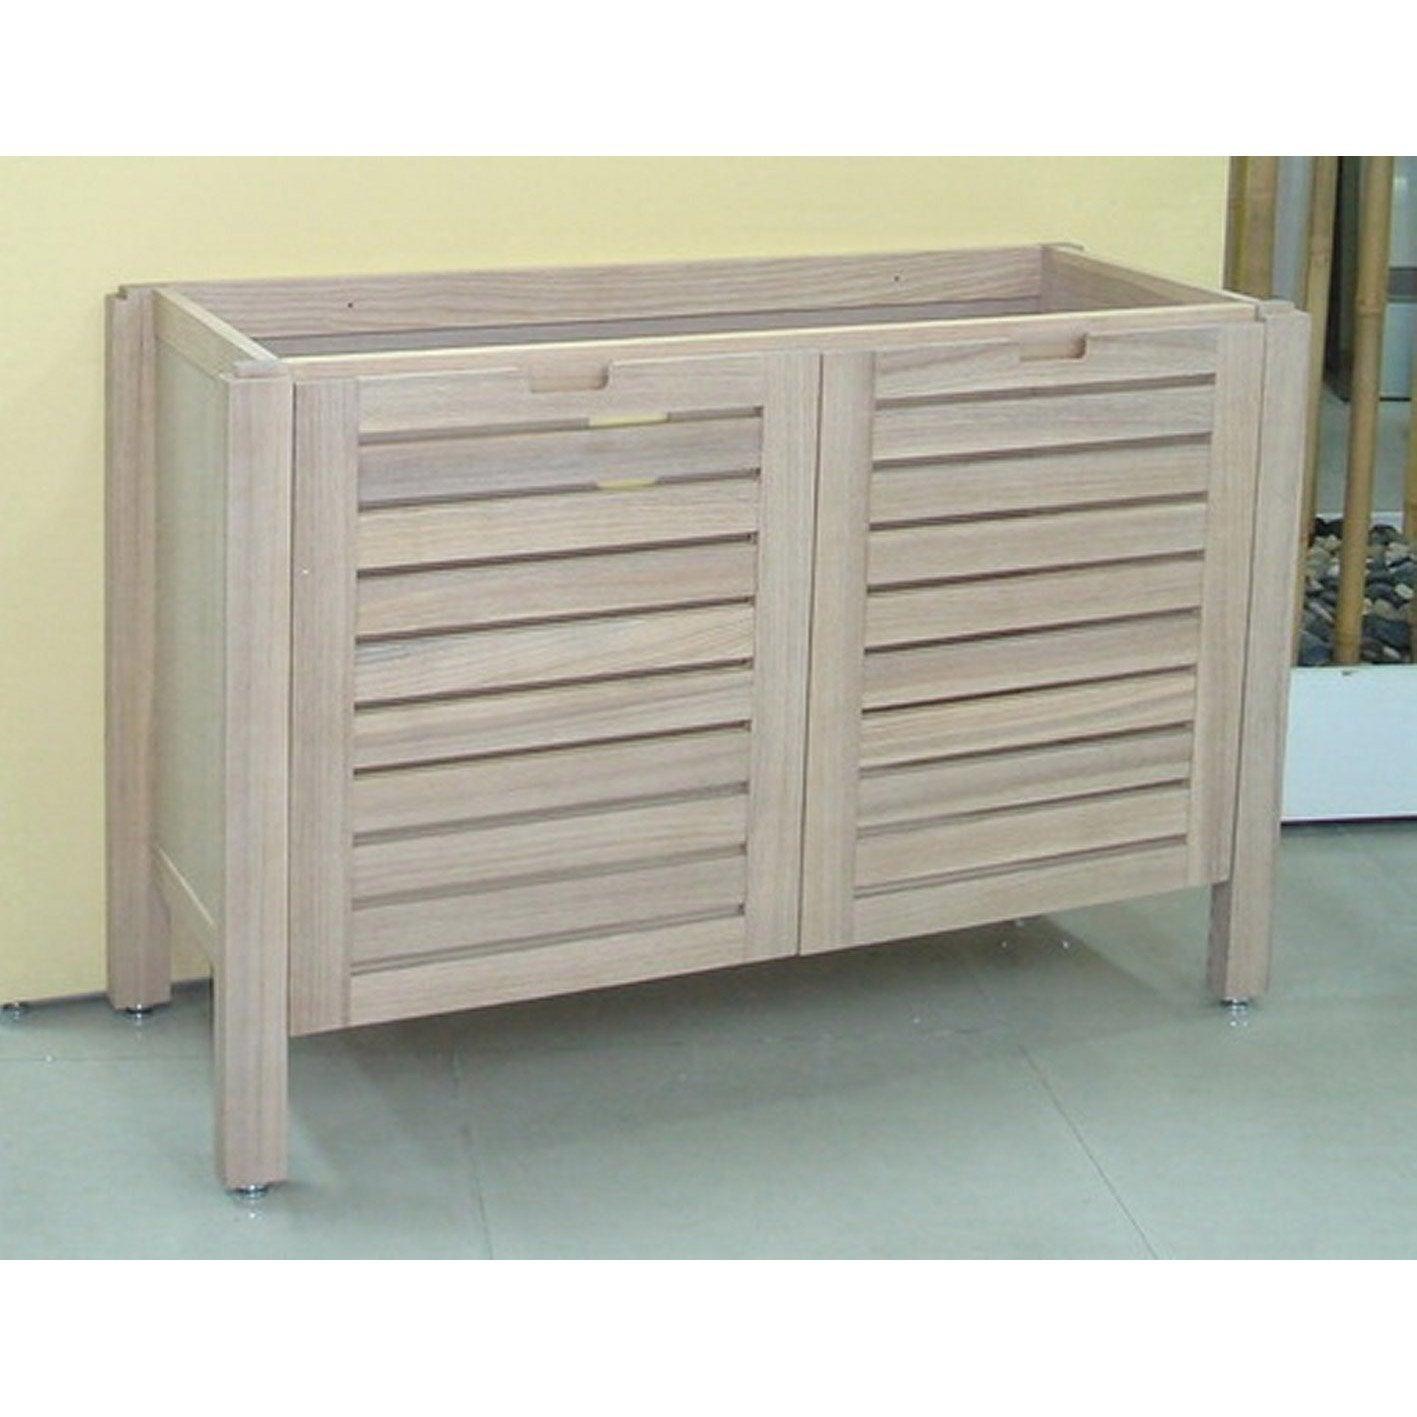 Caisson meuble sous vasque batik marron l119 5xh77 5xp45cm.jpg